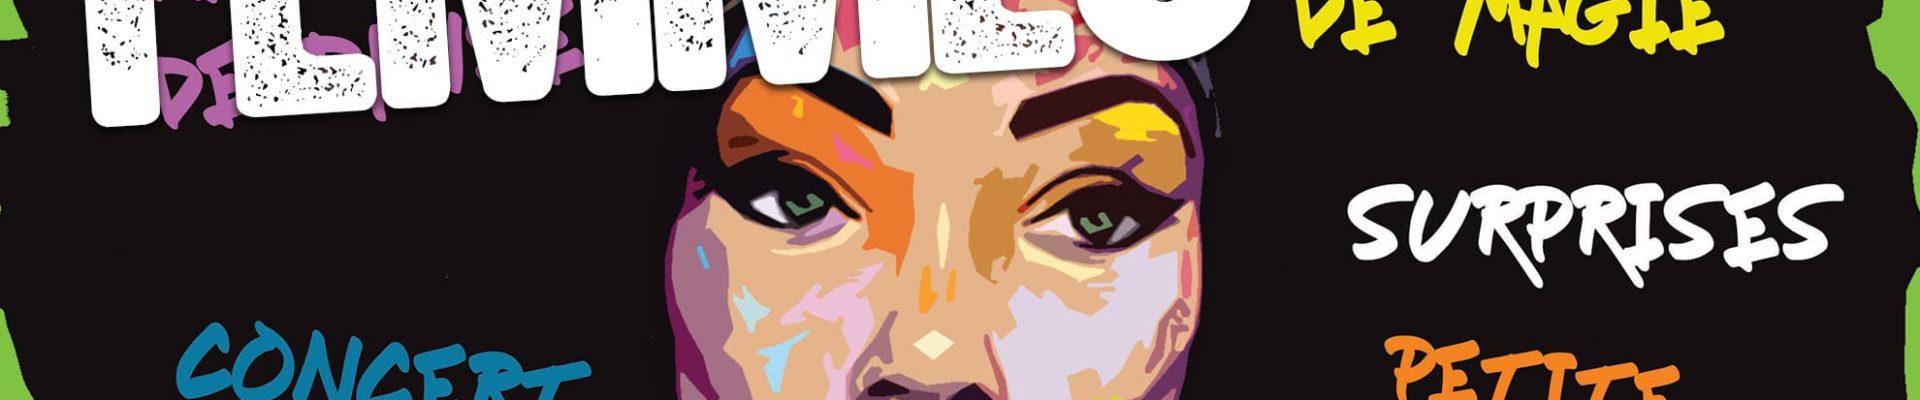 """Soirée """"Reg'ART de femmes"""" le vendredi 08 mars à l'Escale"""